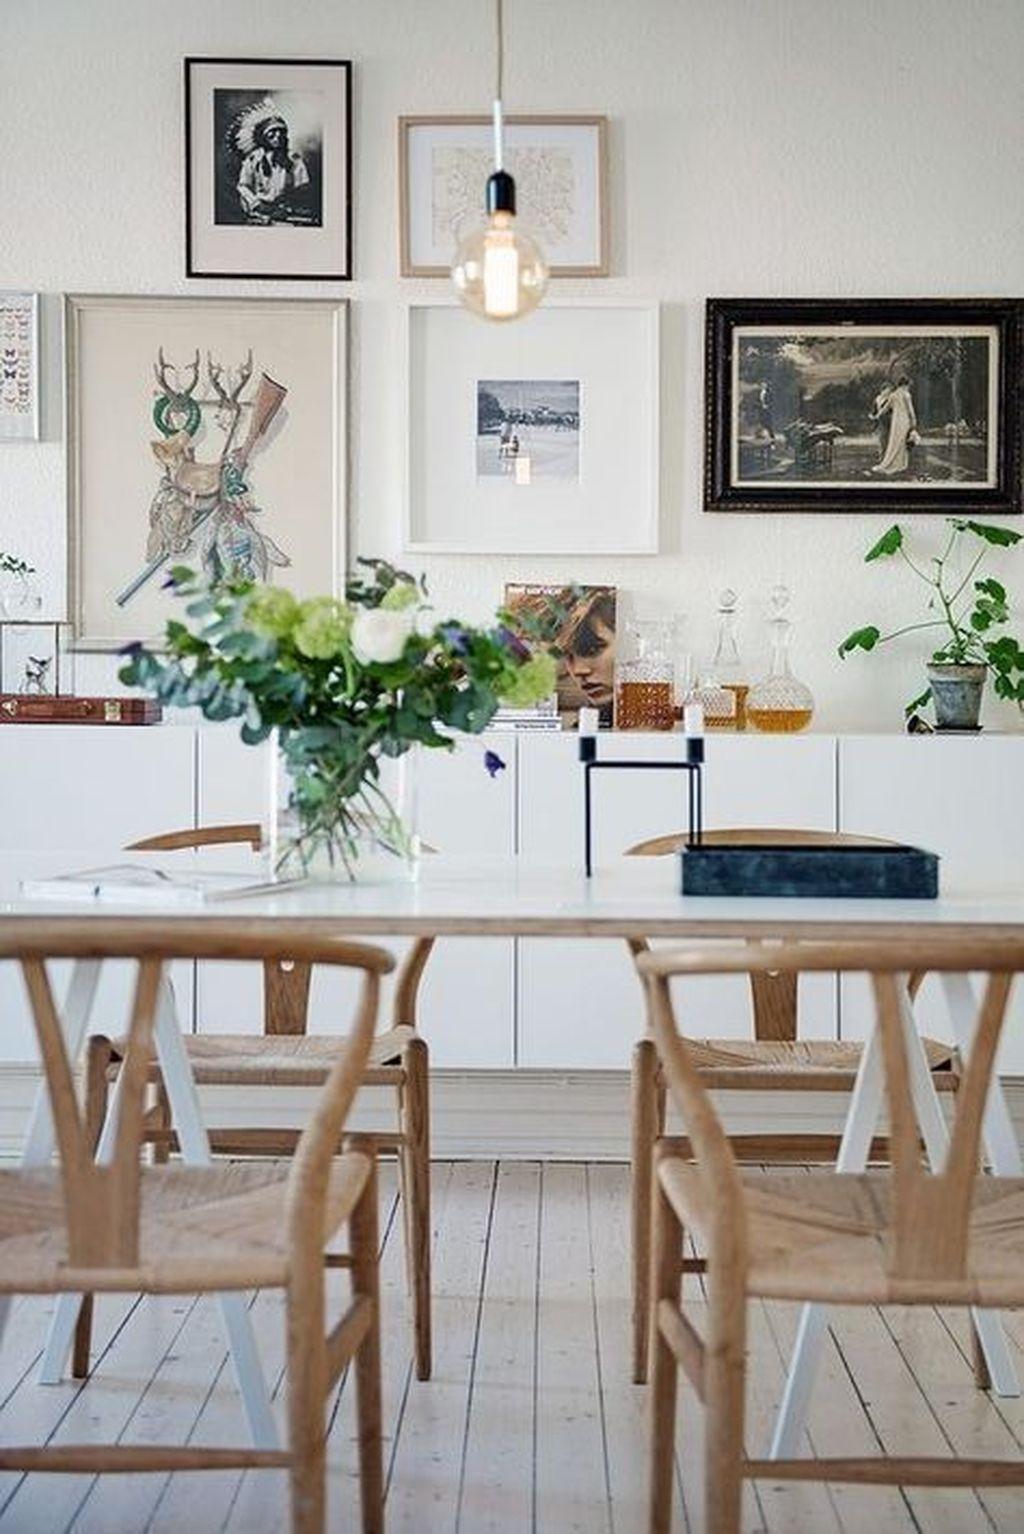 Inspiring Dining Room Buffet Decor Ideas 30